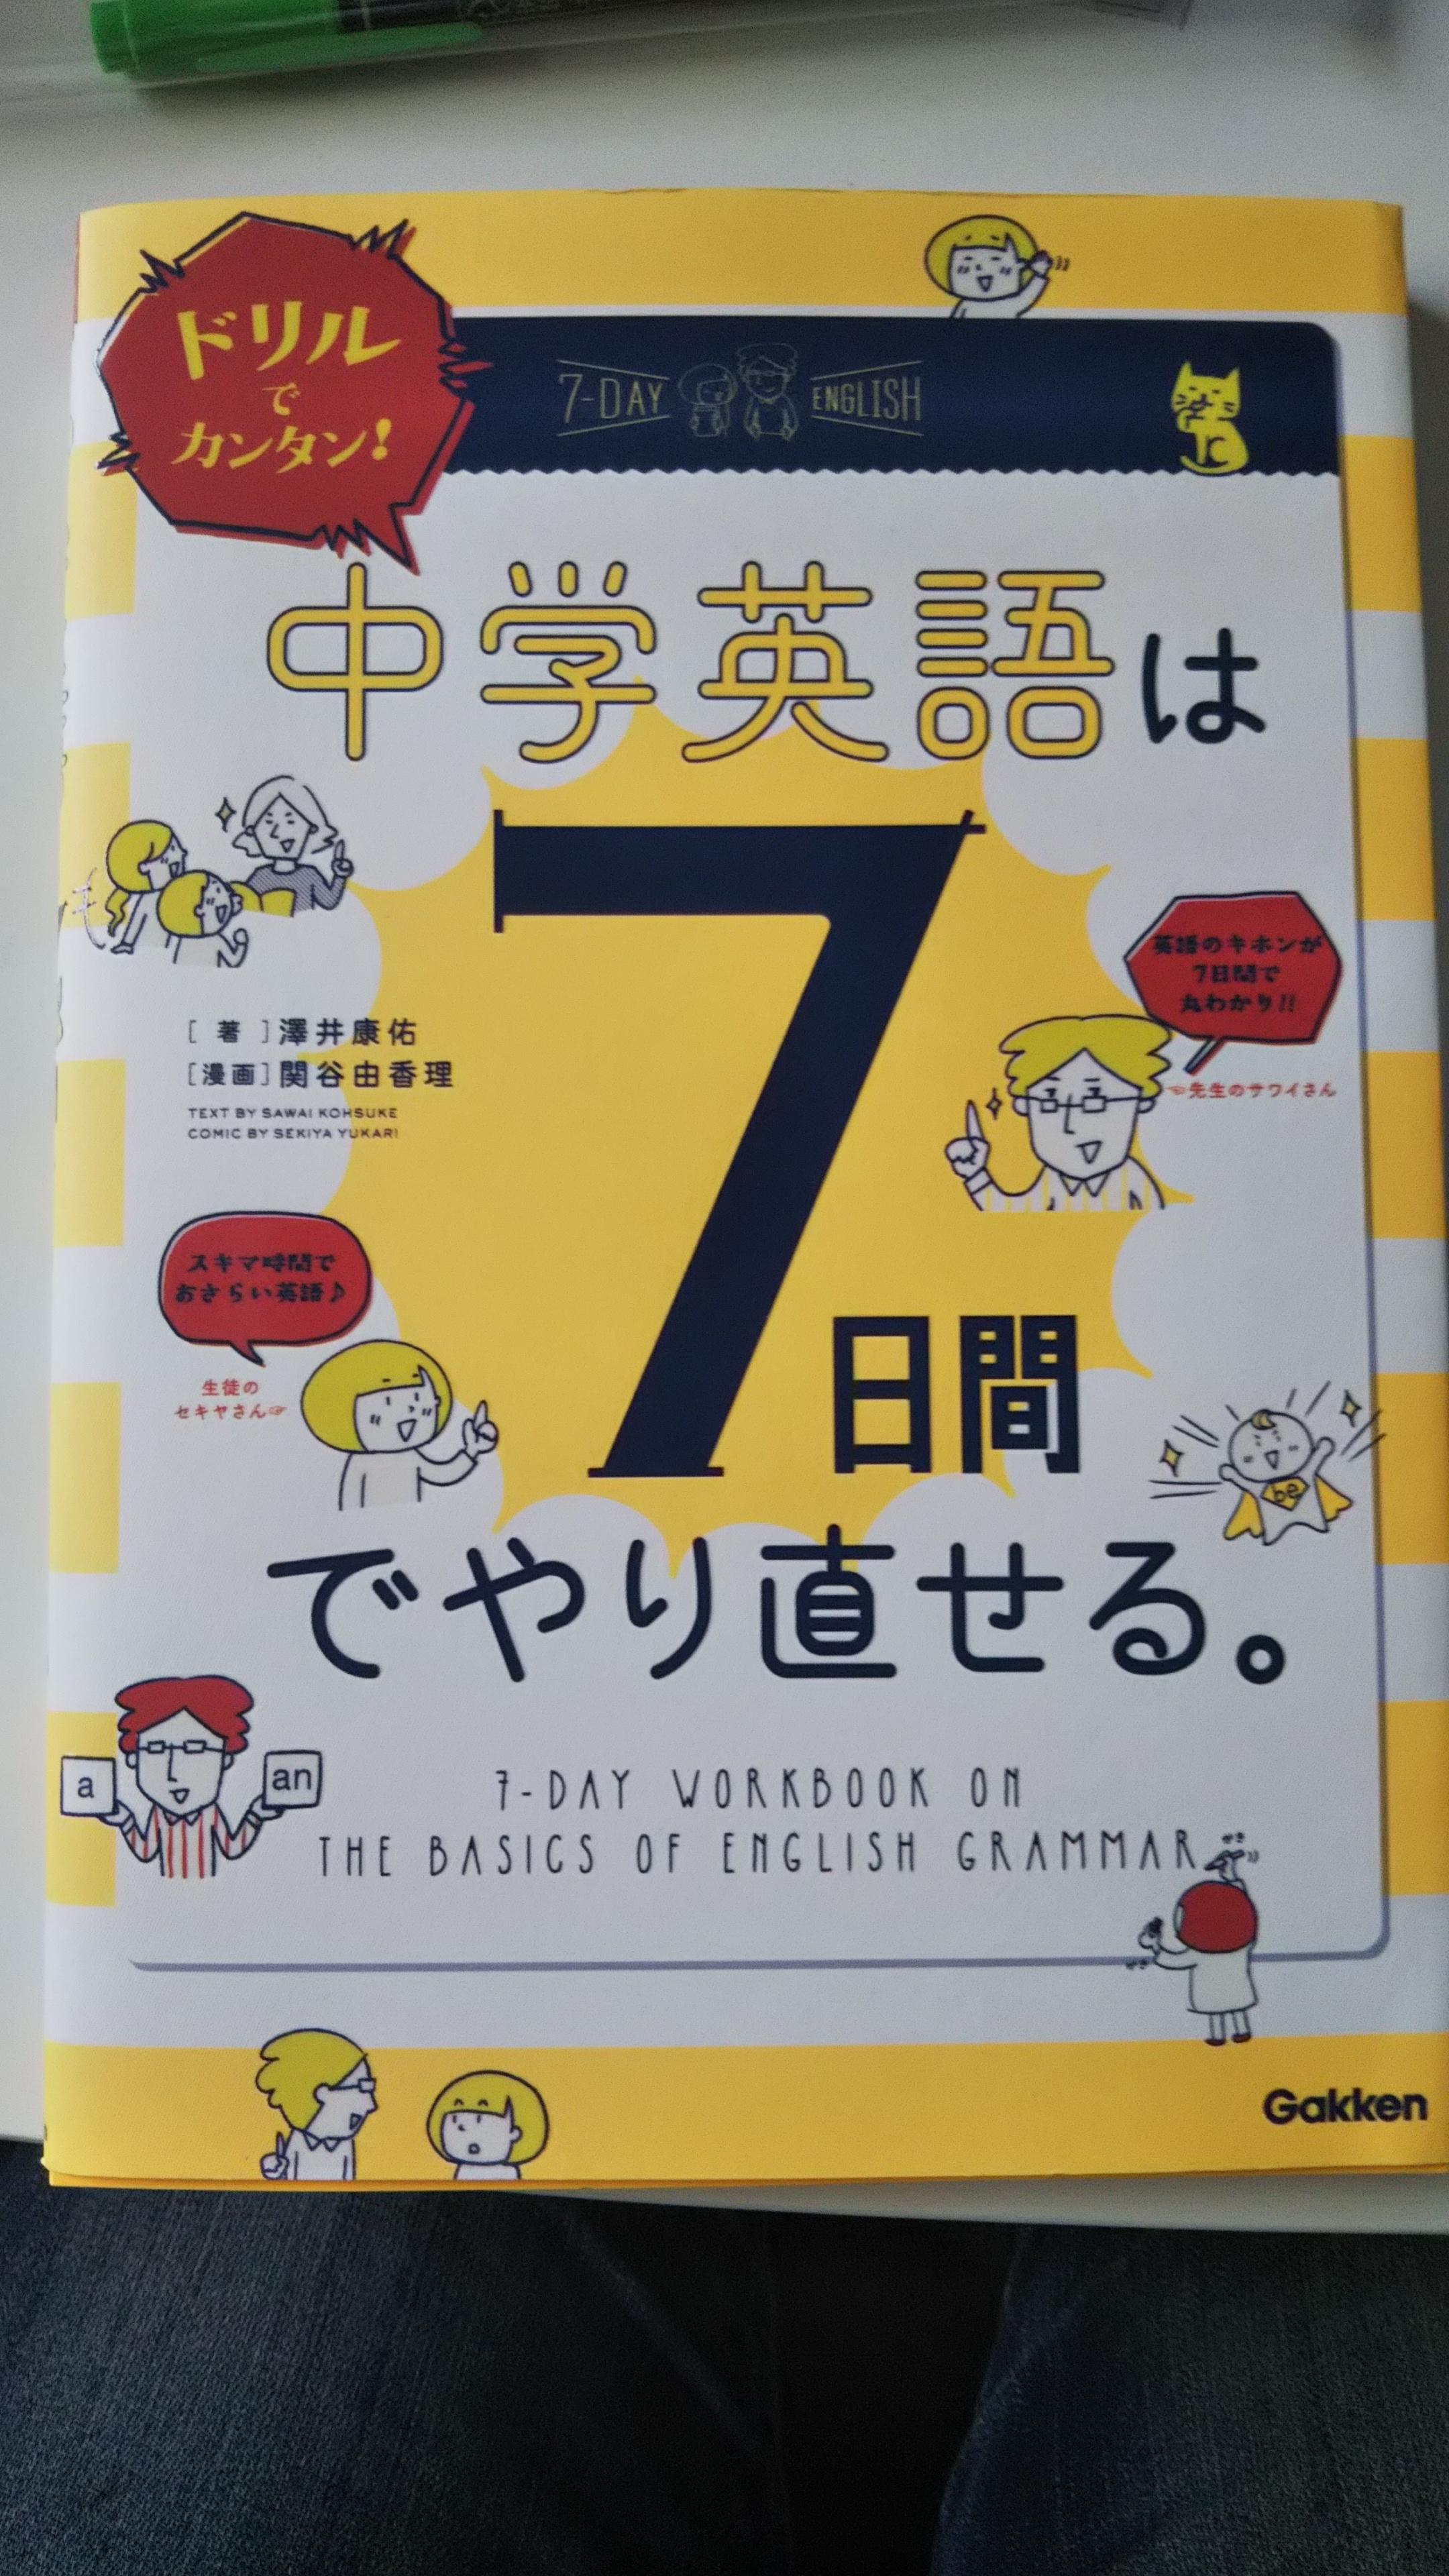 #282 とりあえず英語をやり直します。